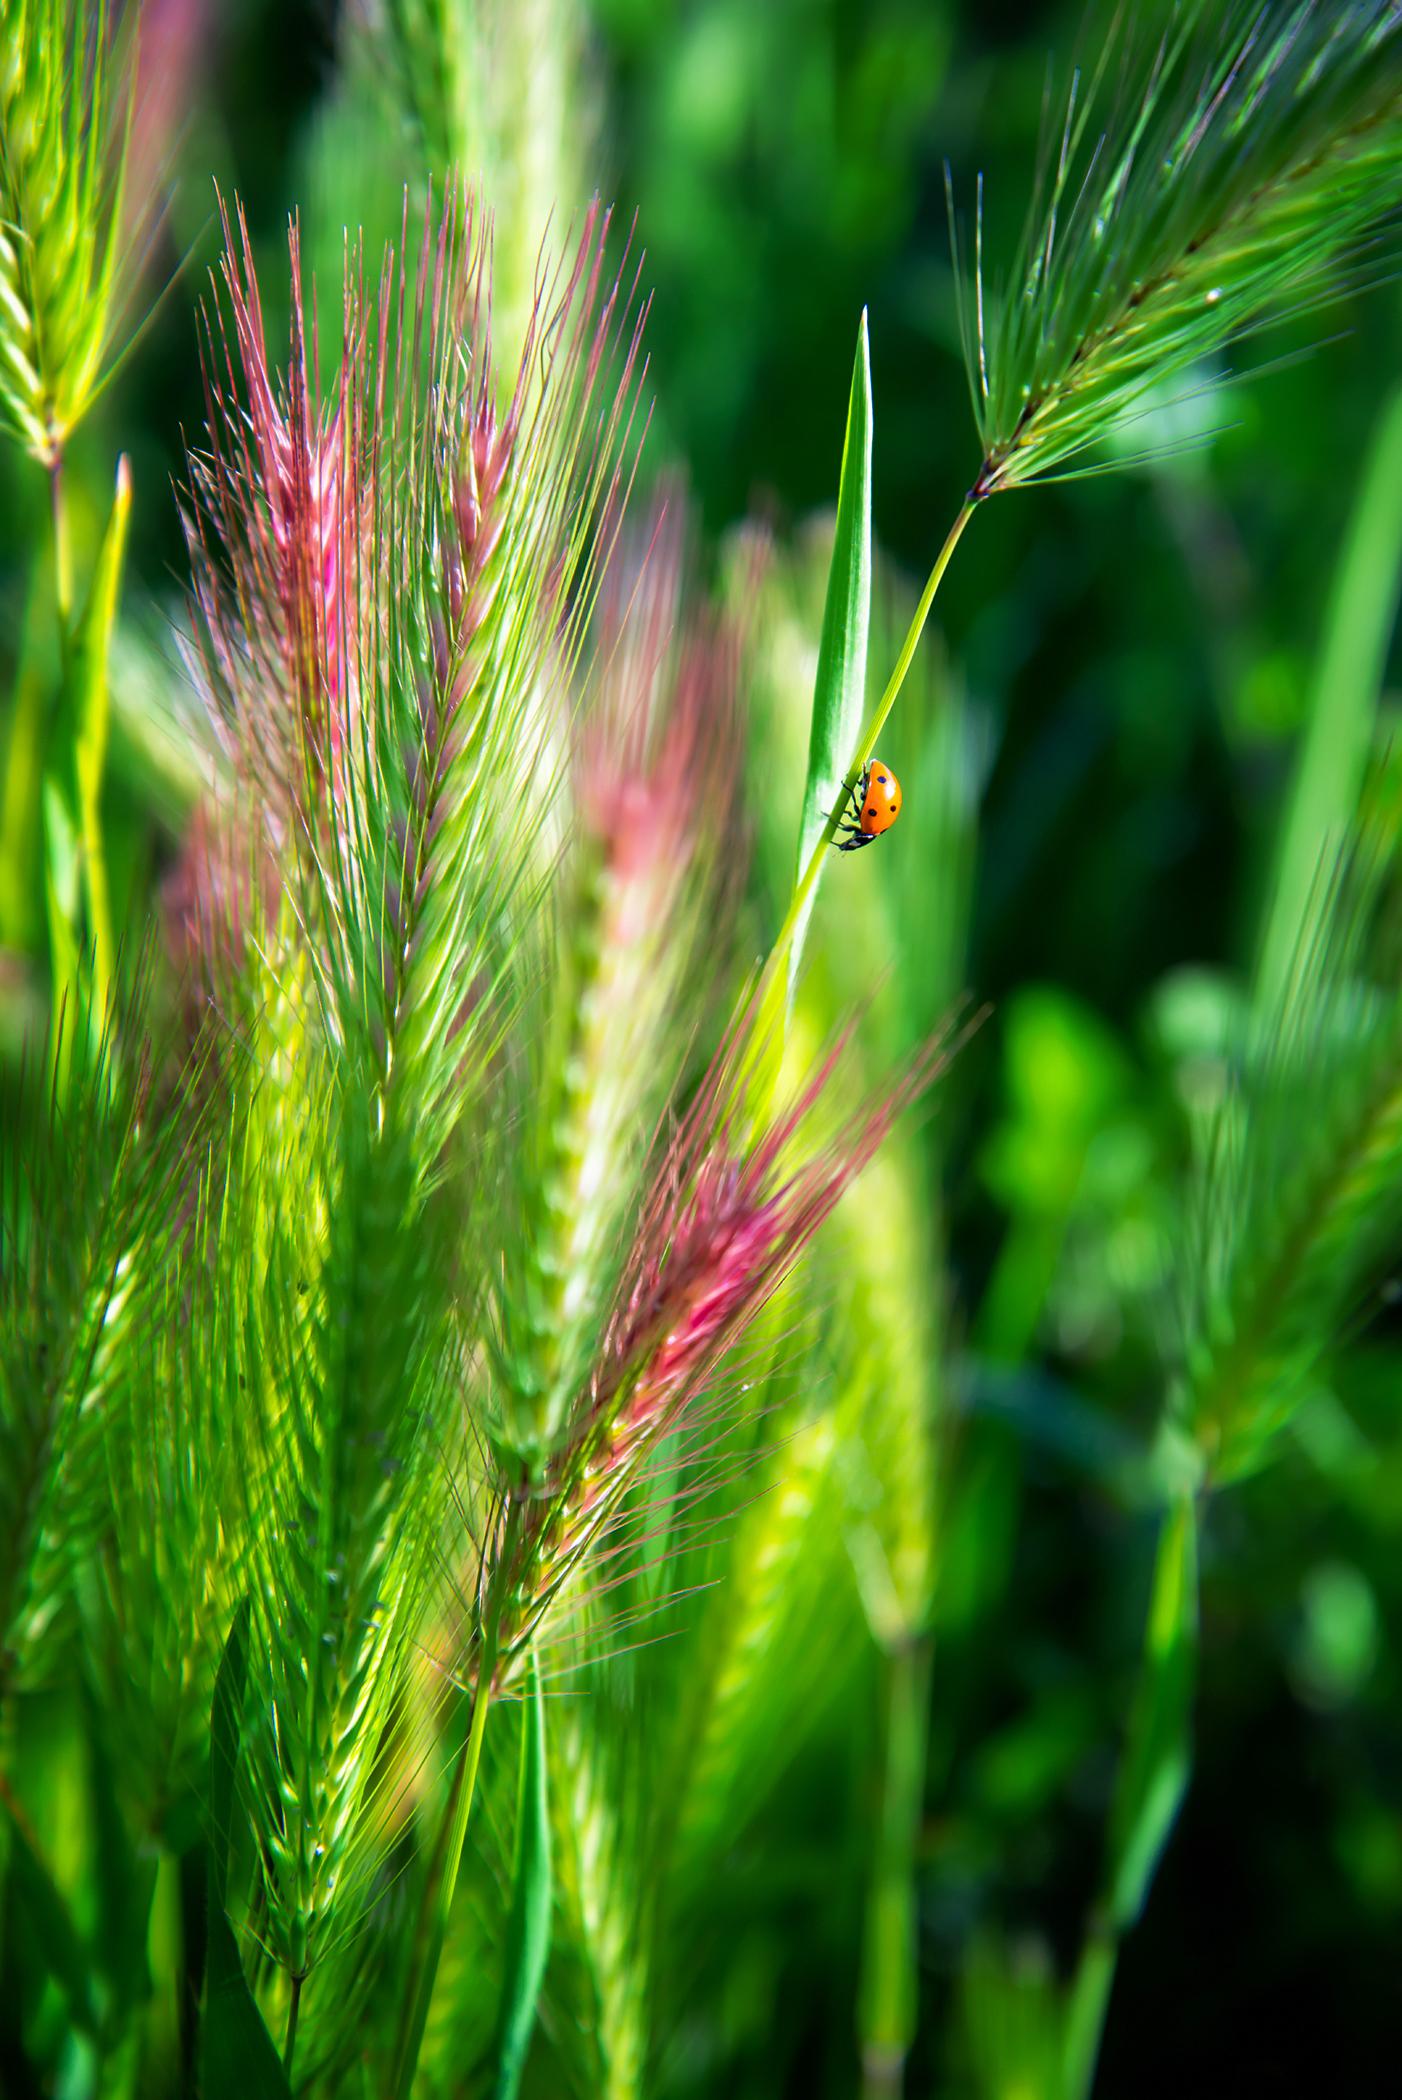 ladybug on wild rye